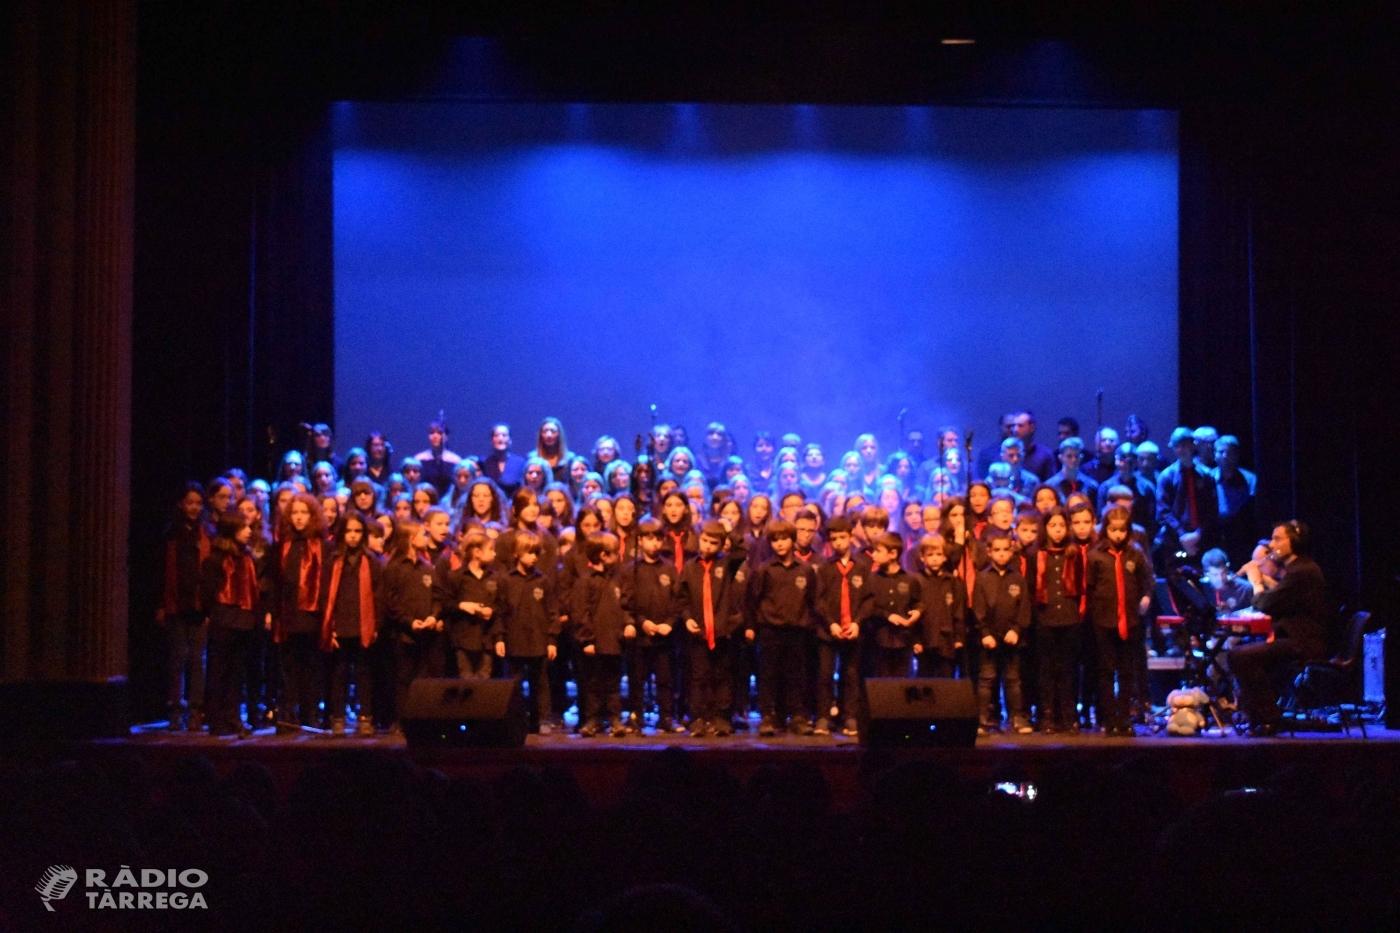 Les corals de l'escola Vedruna de Tàrrega acomiaden l'any amb un concert al teatre Ateneu